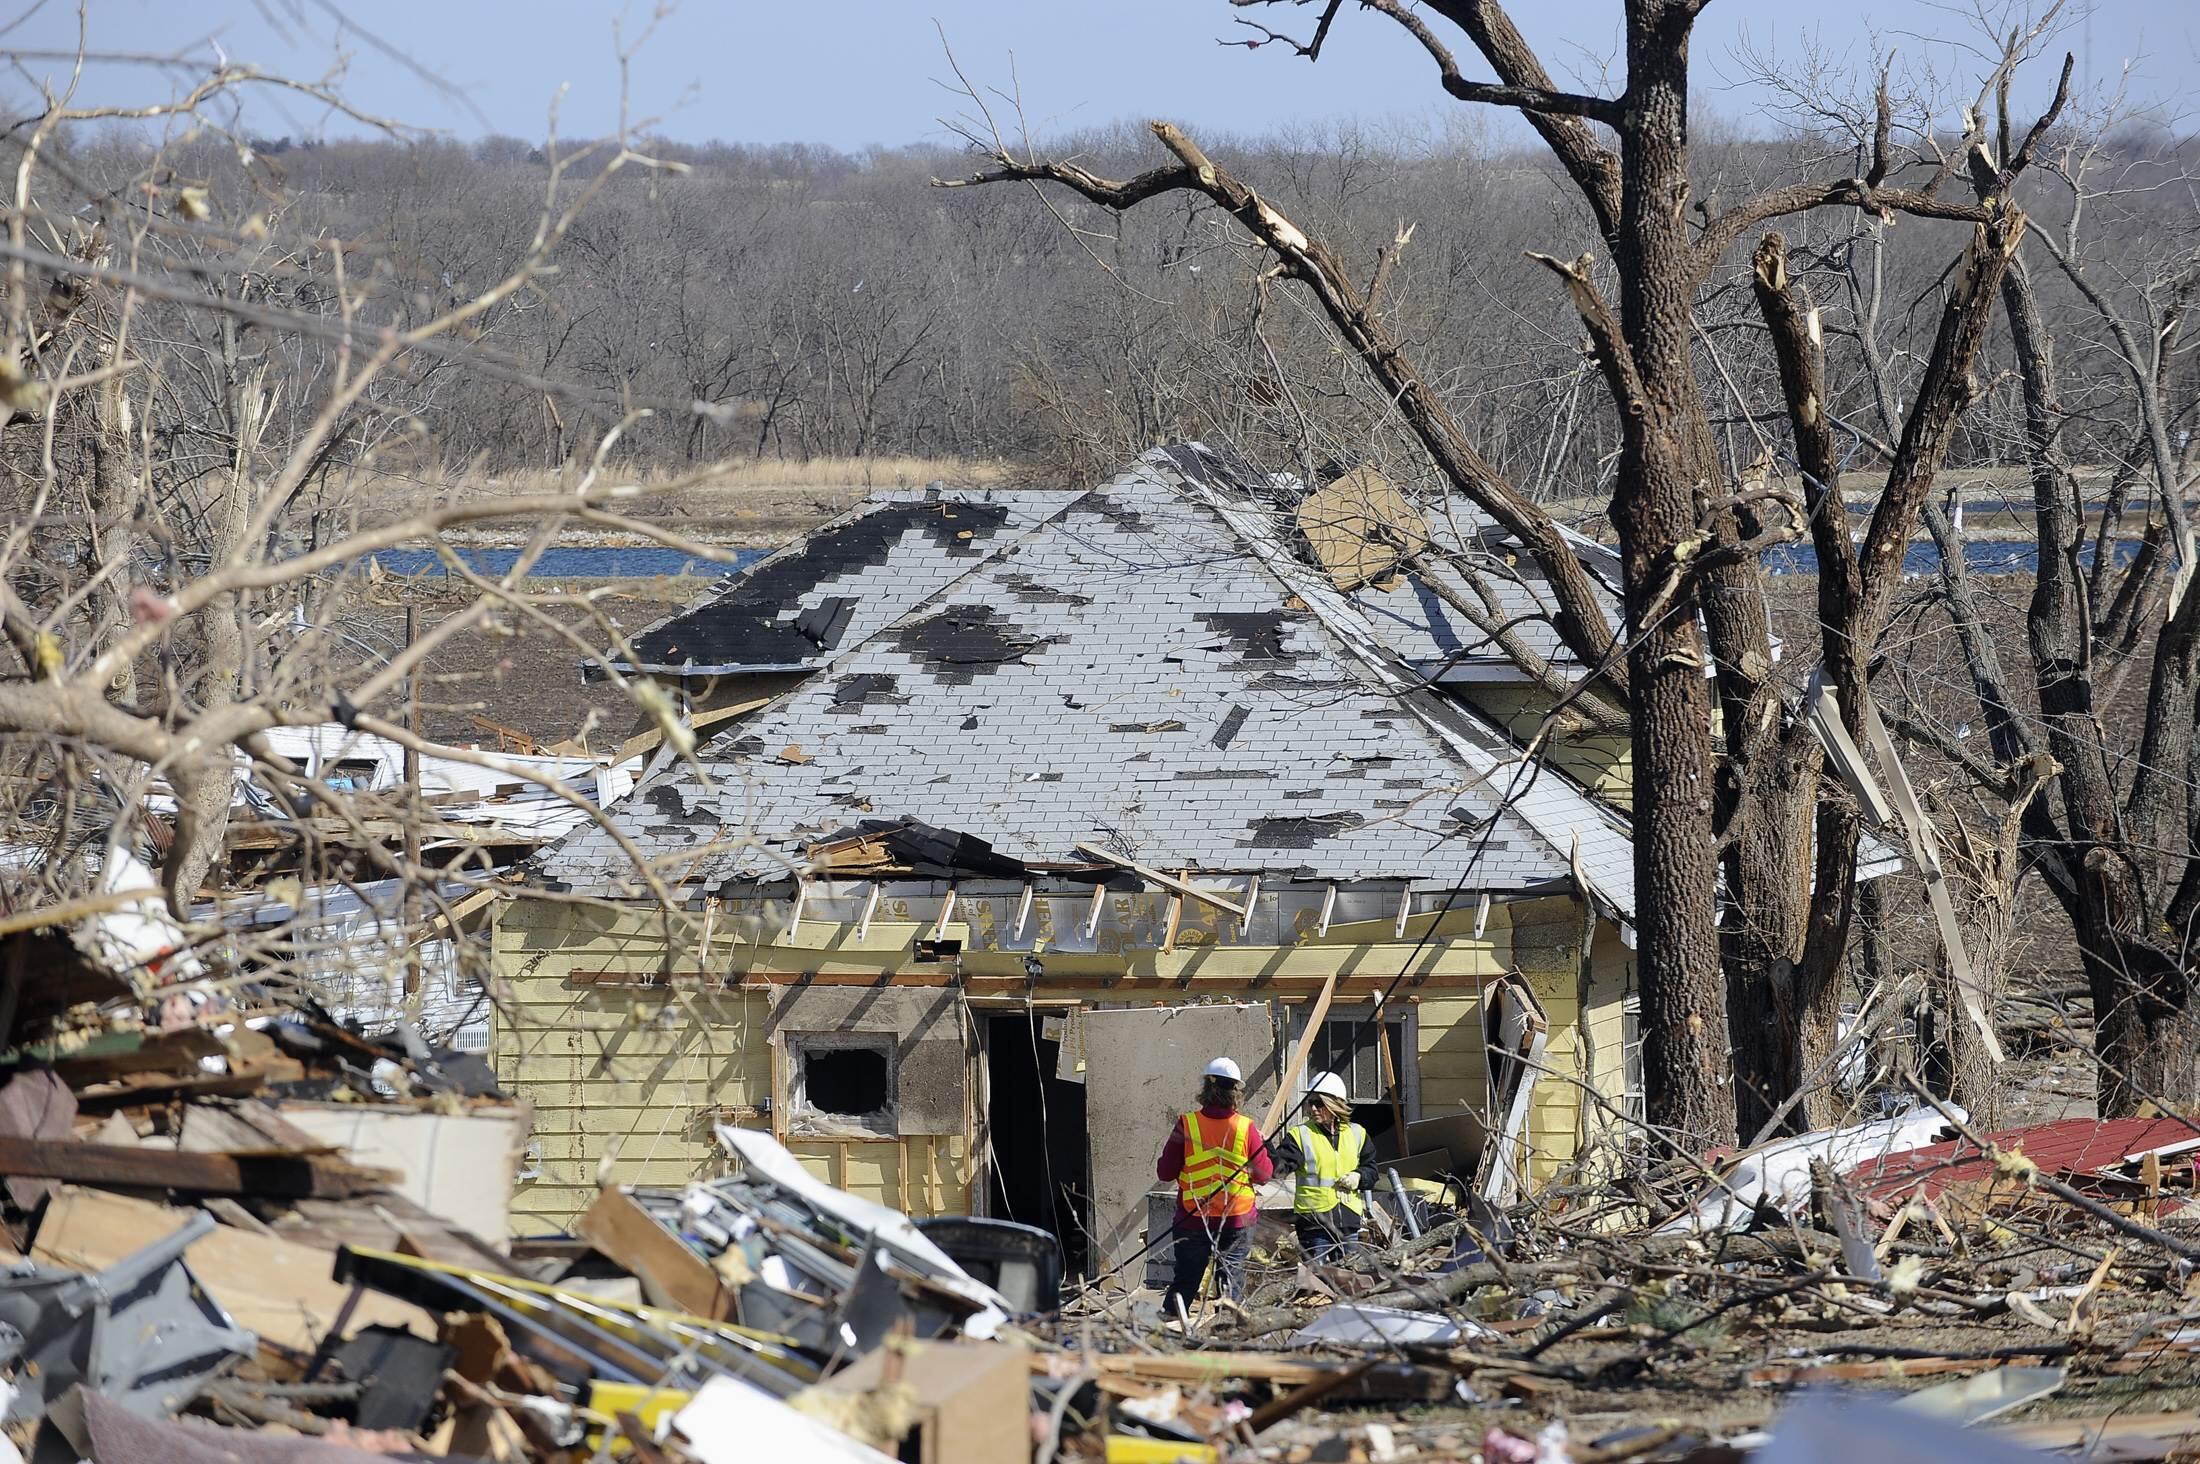 Casas destruídas pela força do tornado em Harveyville, Kansas, nesta quinta-feira.